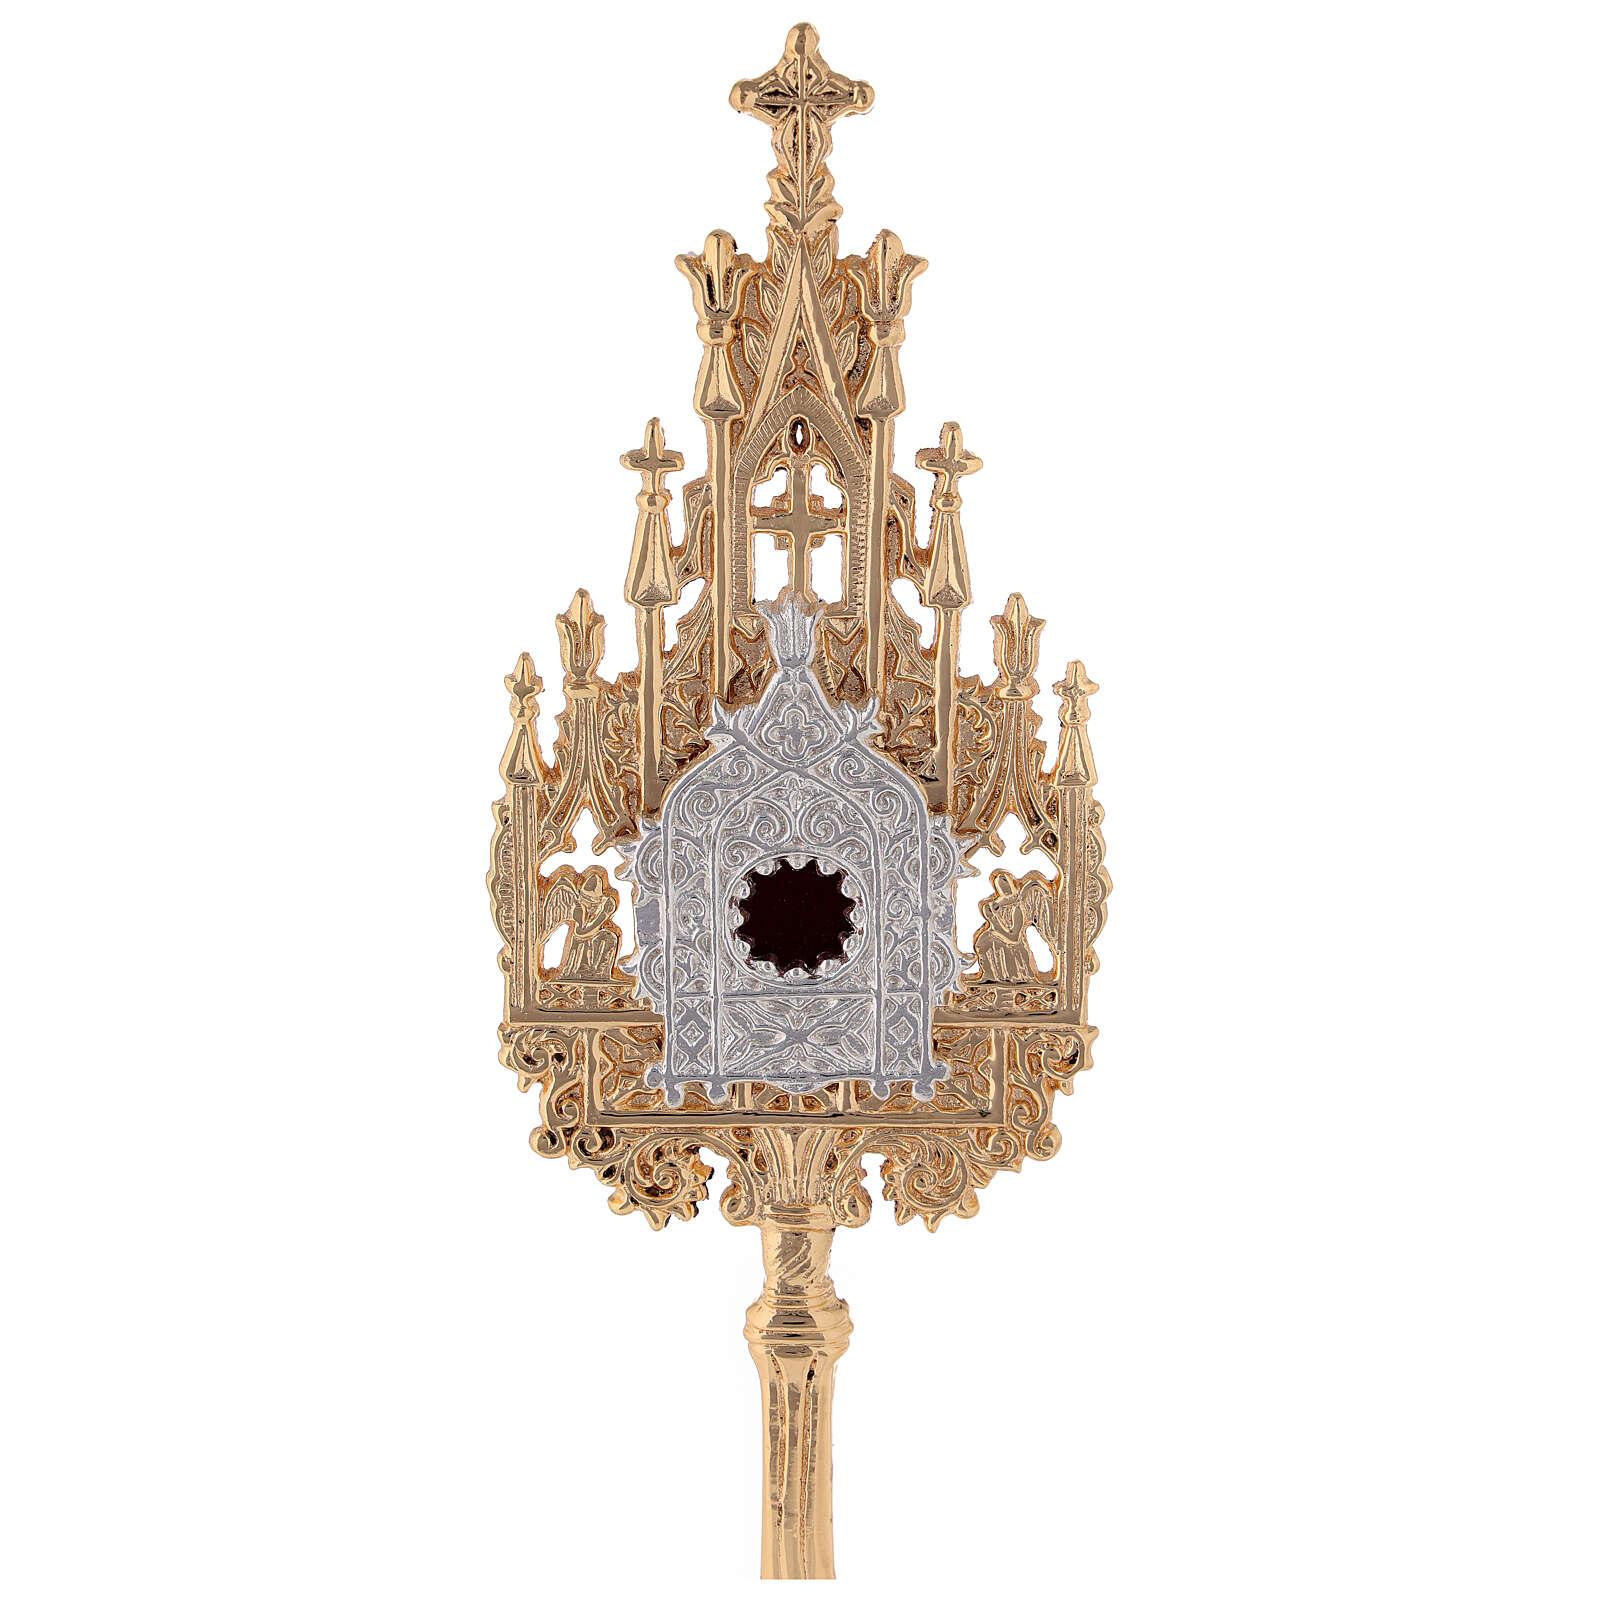 Mini reliquiario ottone dorato neogotico h 22,5 cm 4